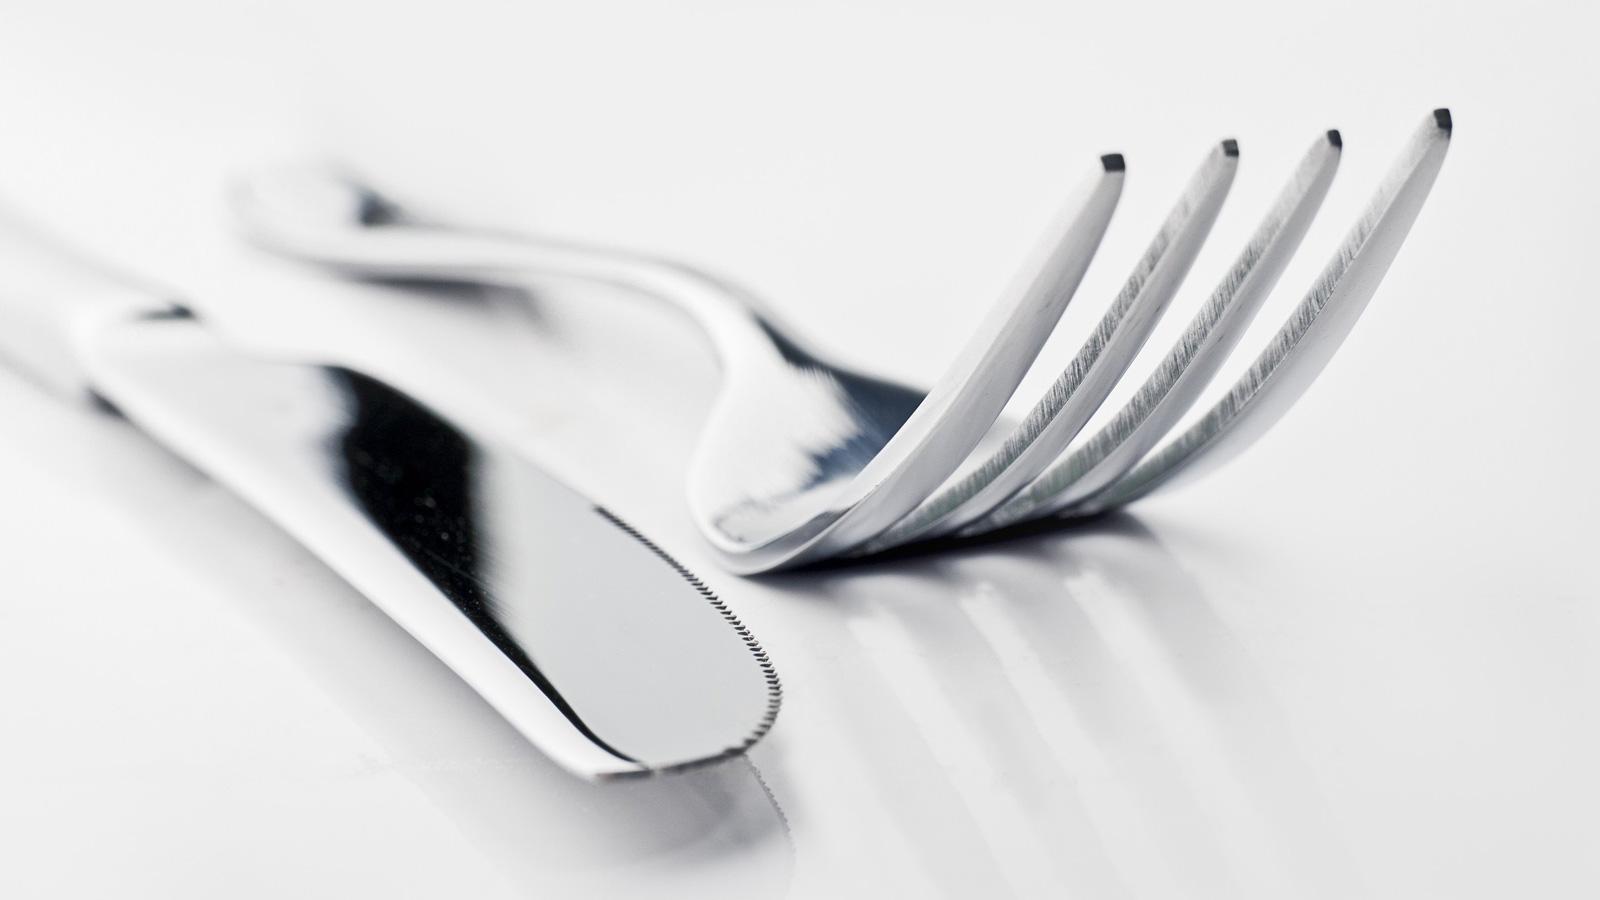 Forchetta e coltello sul tavolo